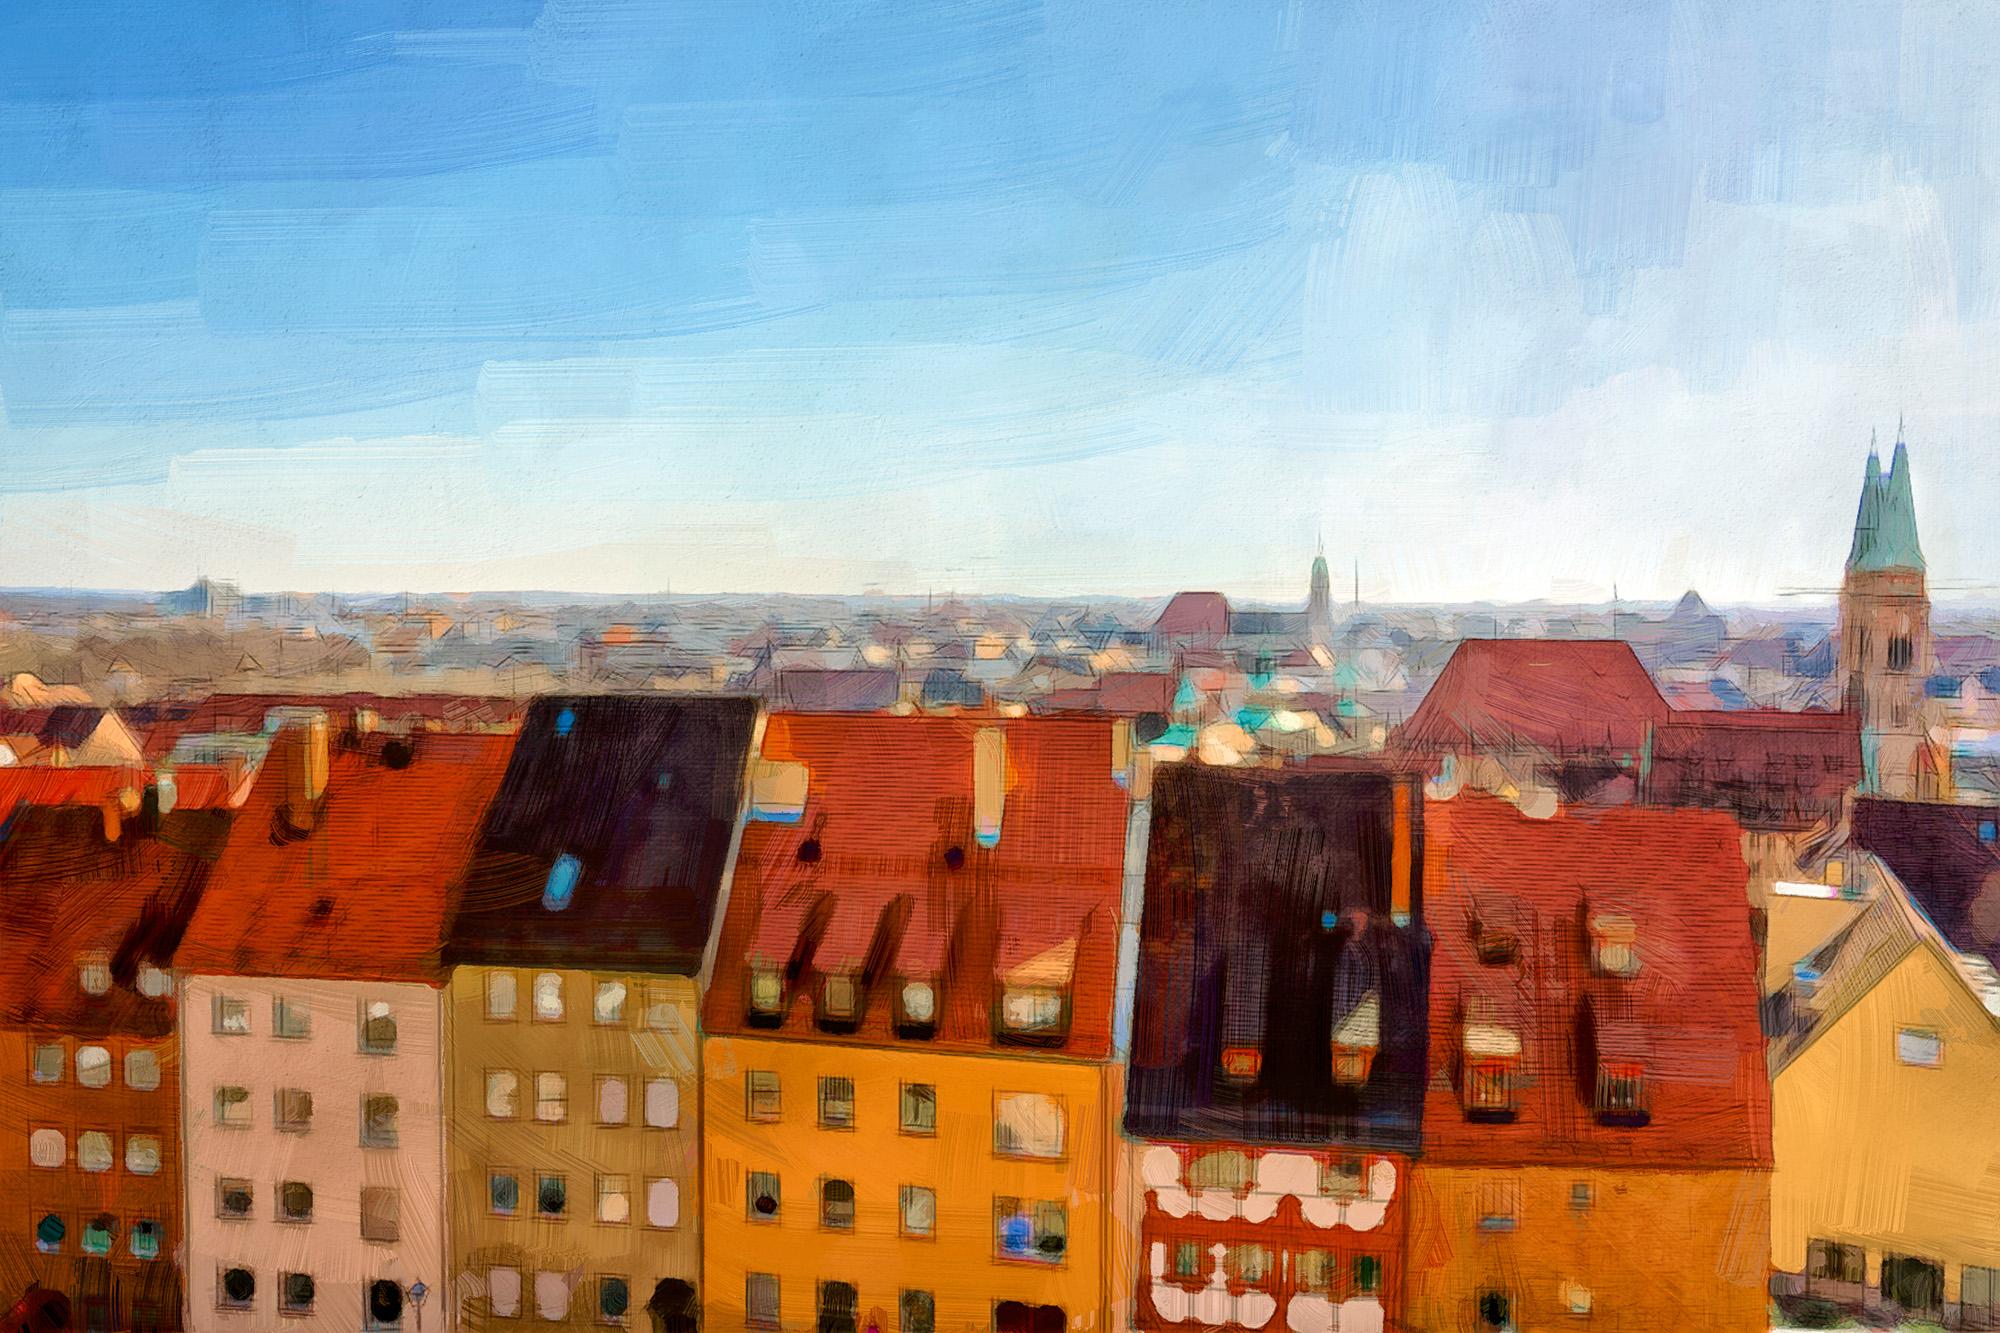 Roof tops in Nuremberg Germany.